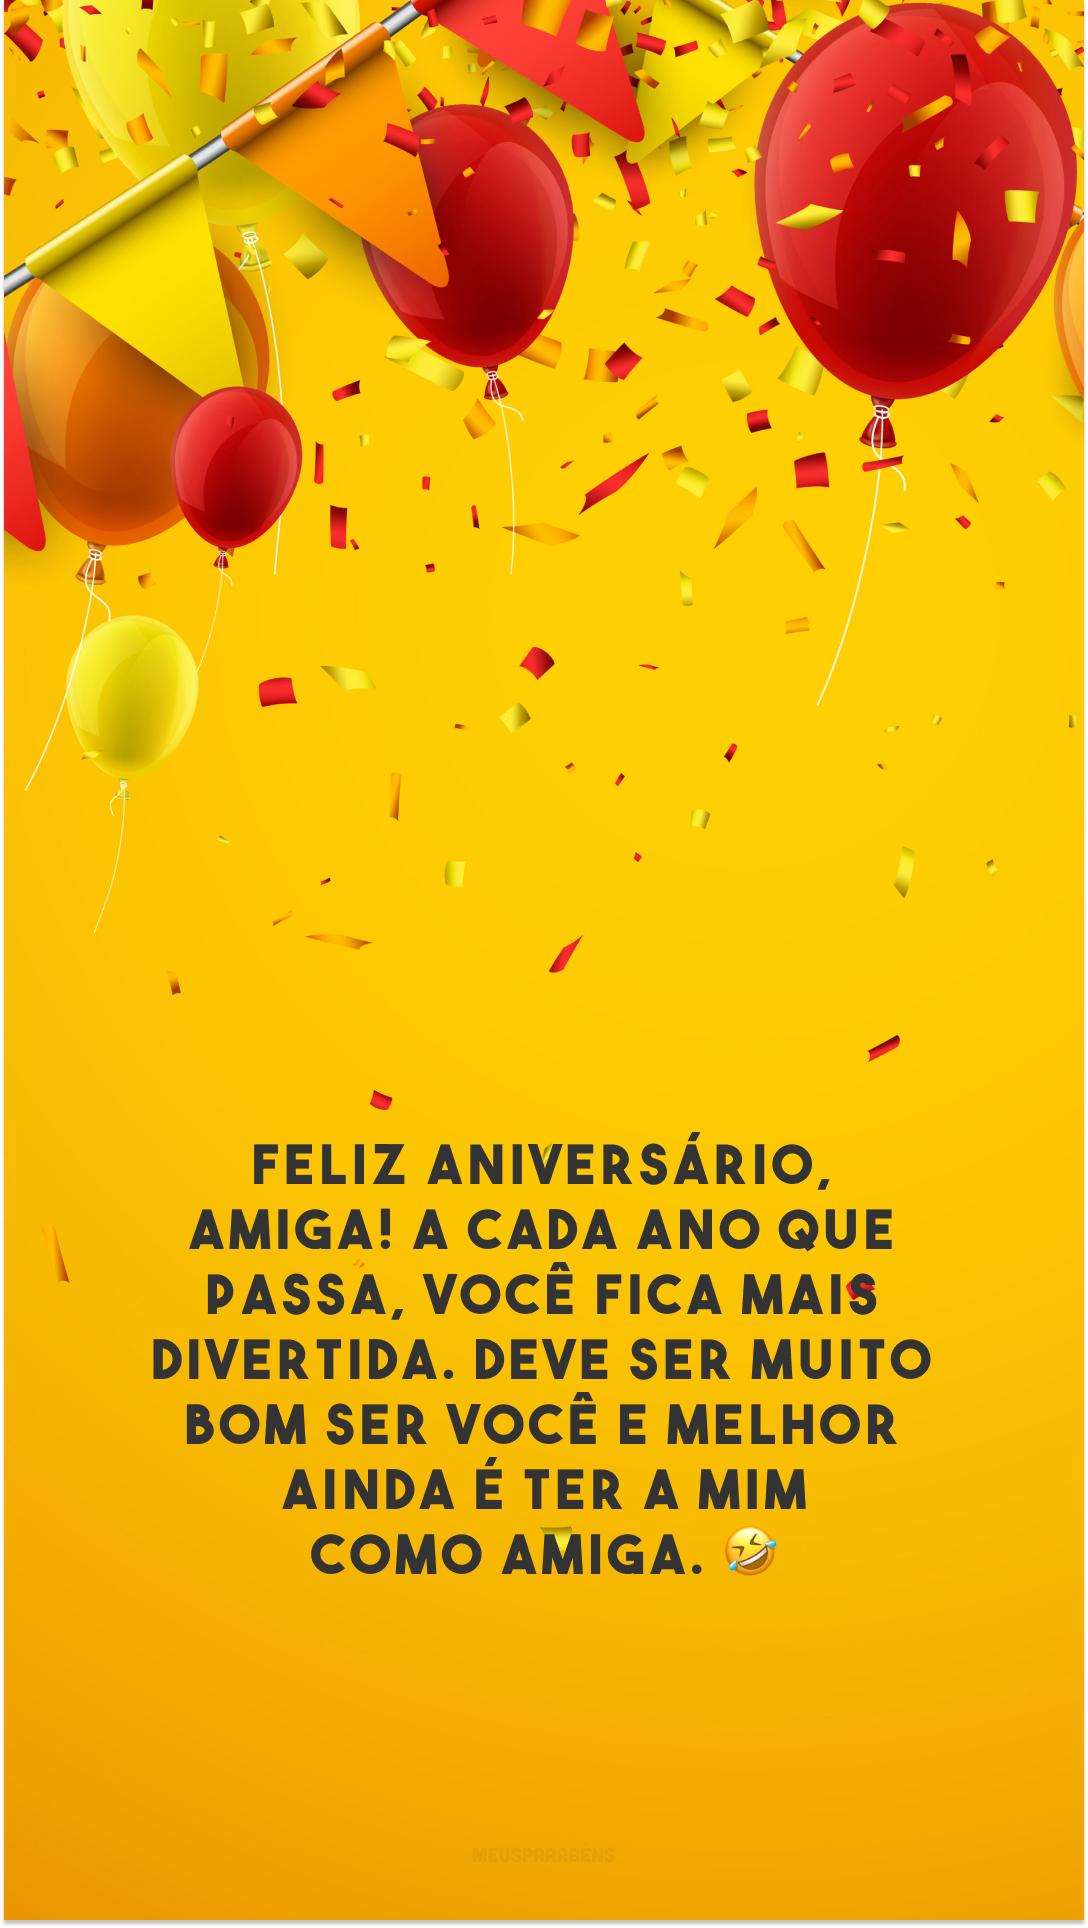 Feliz aniversário, amiga! A cada ano que passa, você fica mais divertida. Deve ser muito bom ser você e melhor ainda é ter a mim como amiga. 🤣